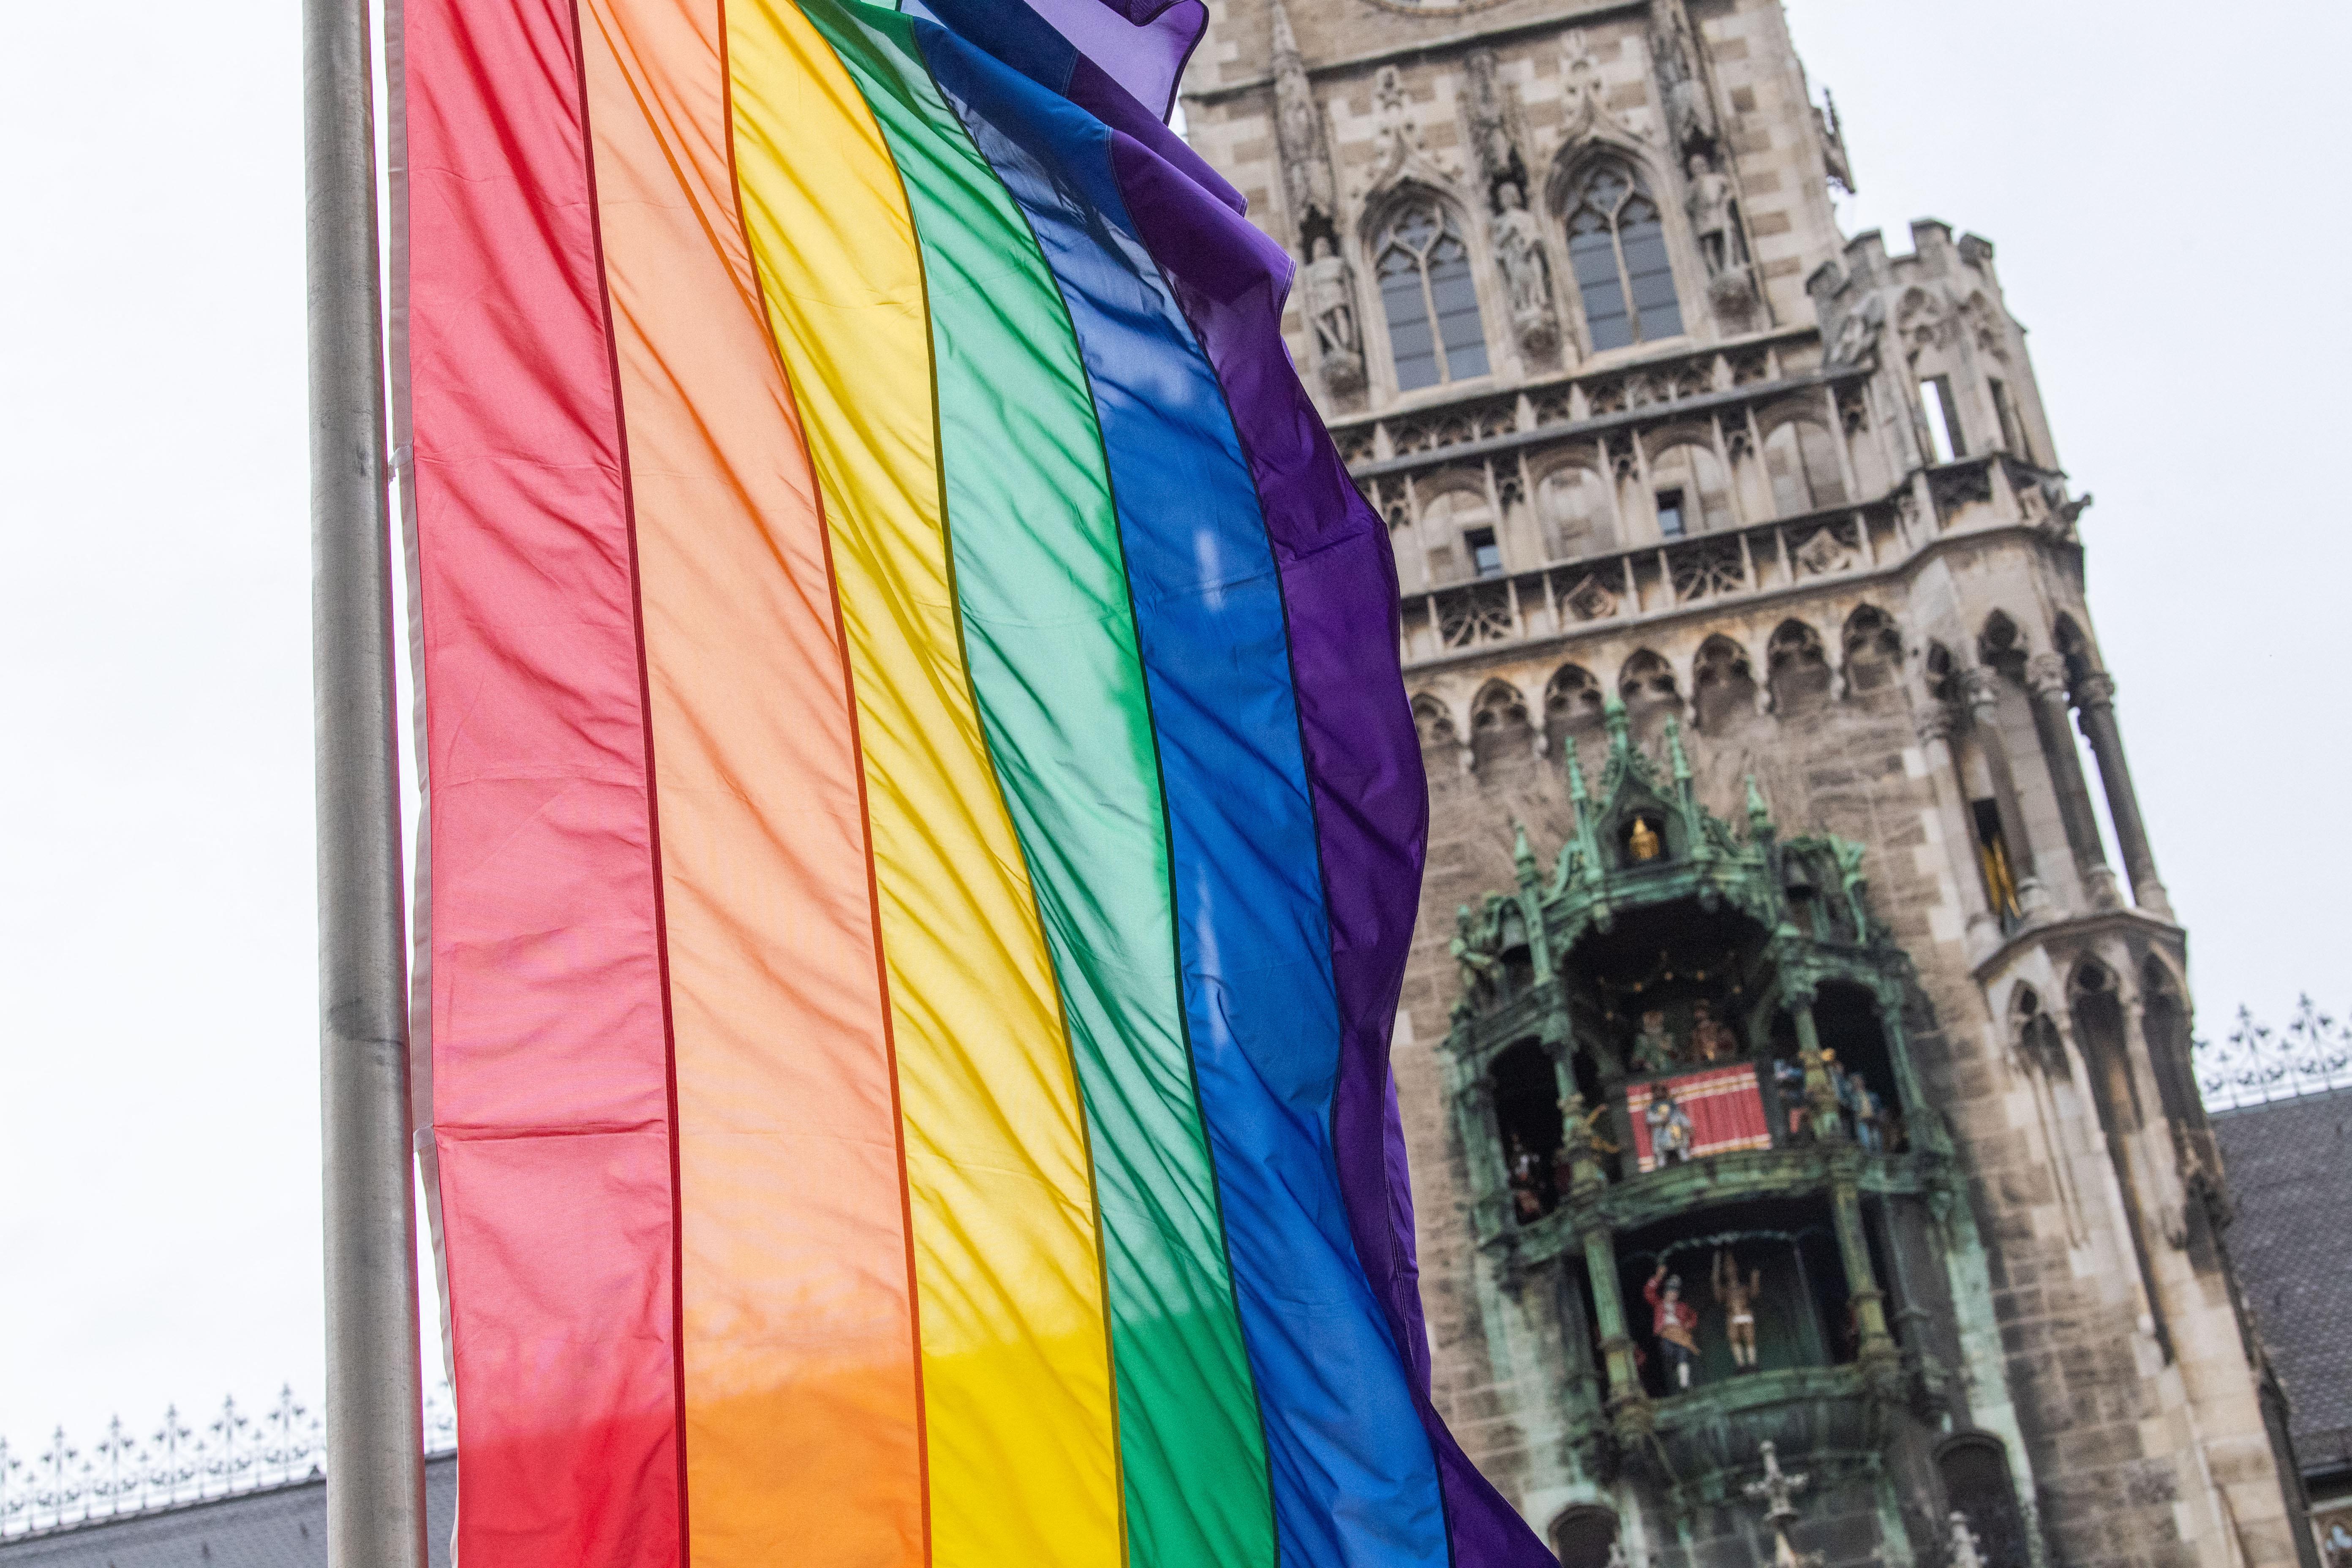 München főpolgármestere azt ígéri, szivárványszínekbe öltöztetik a várost a meccs napján